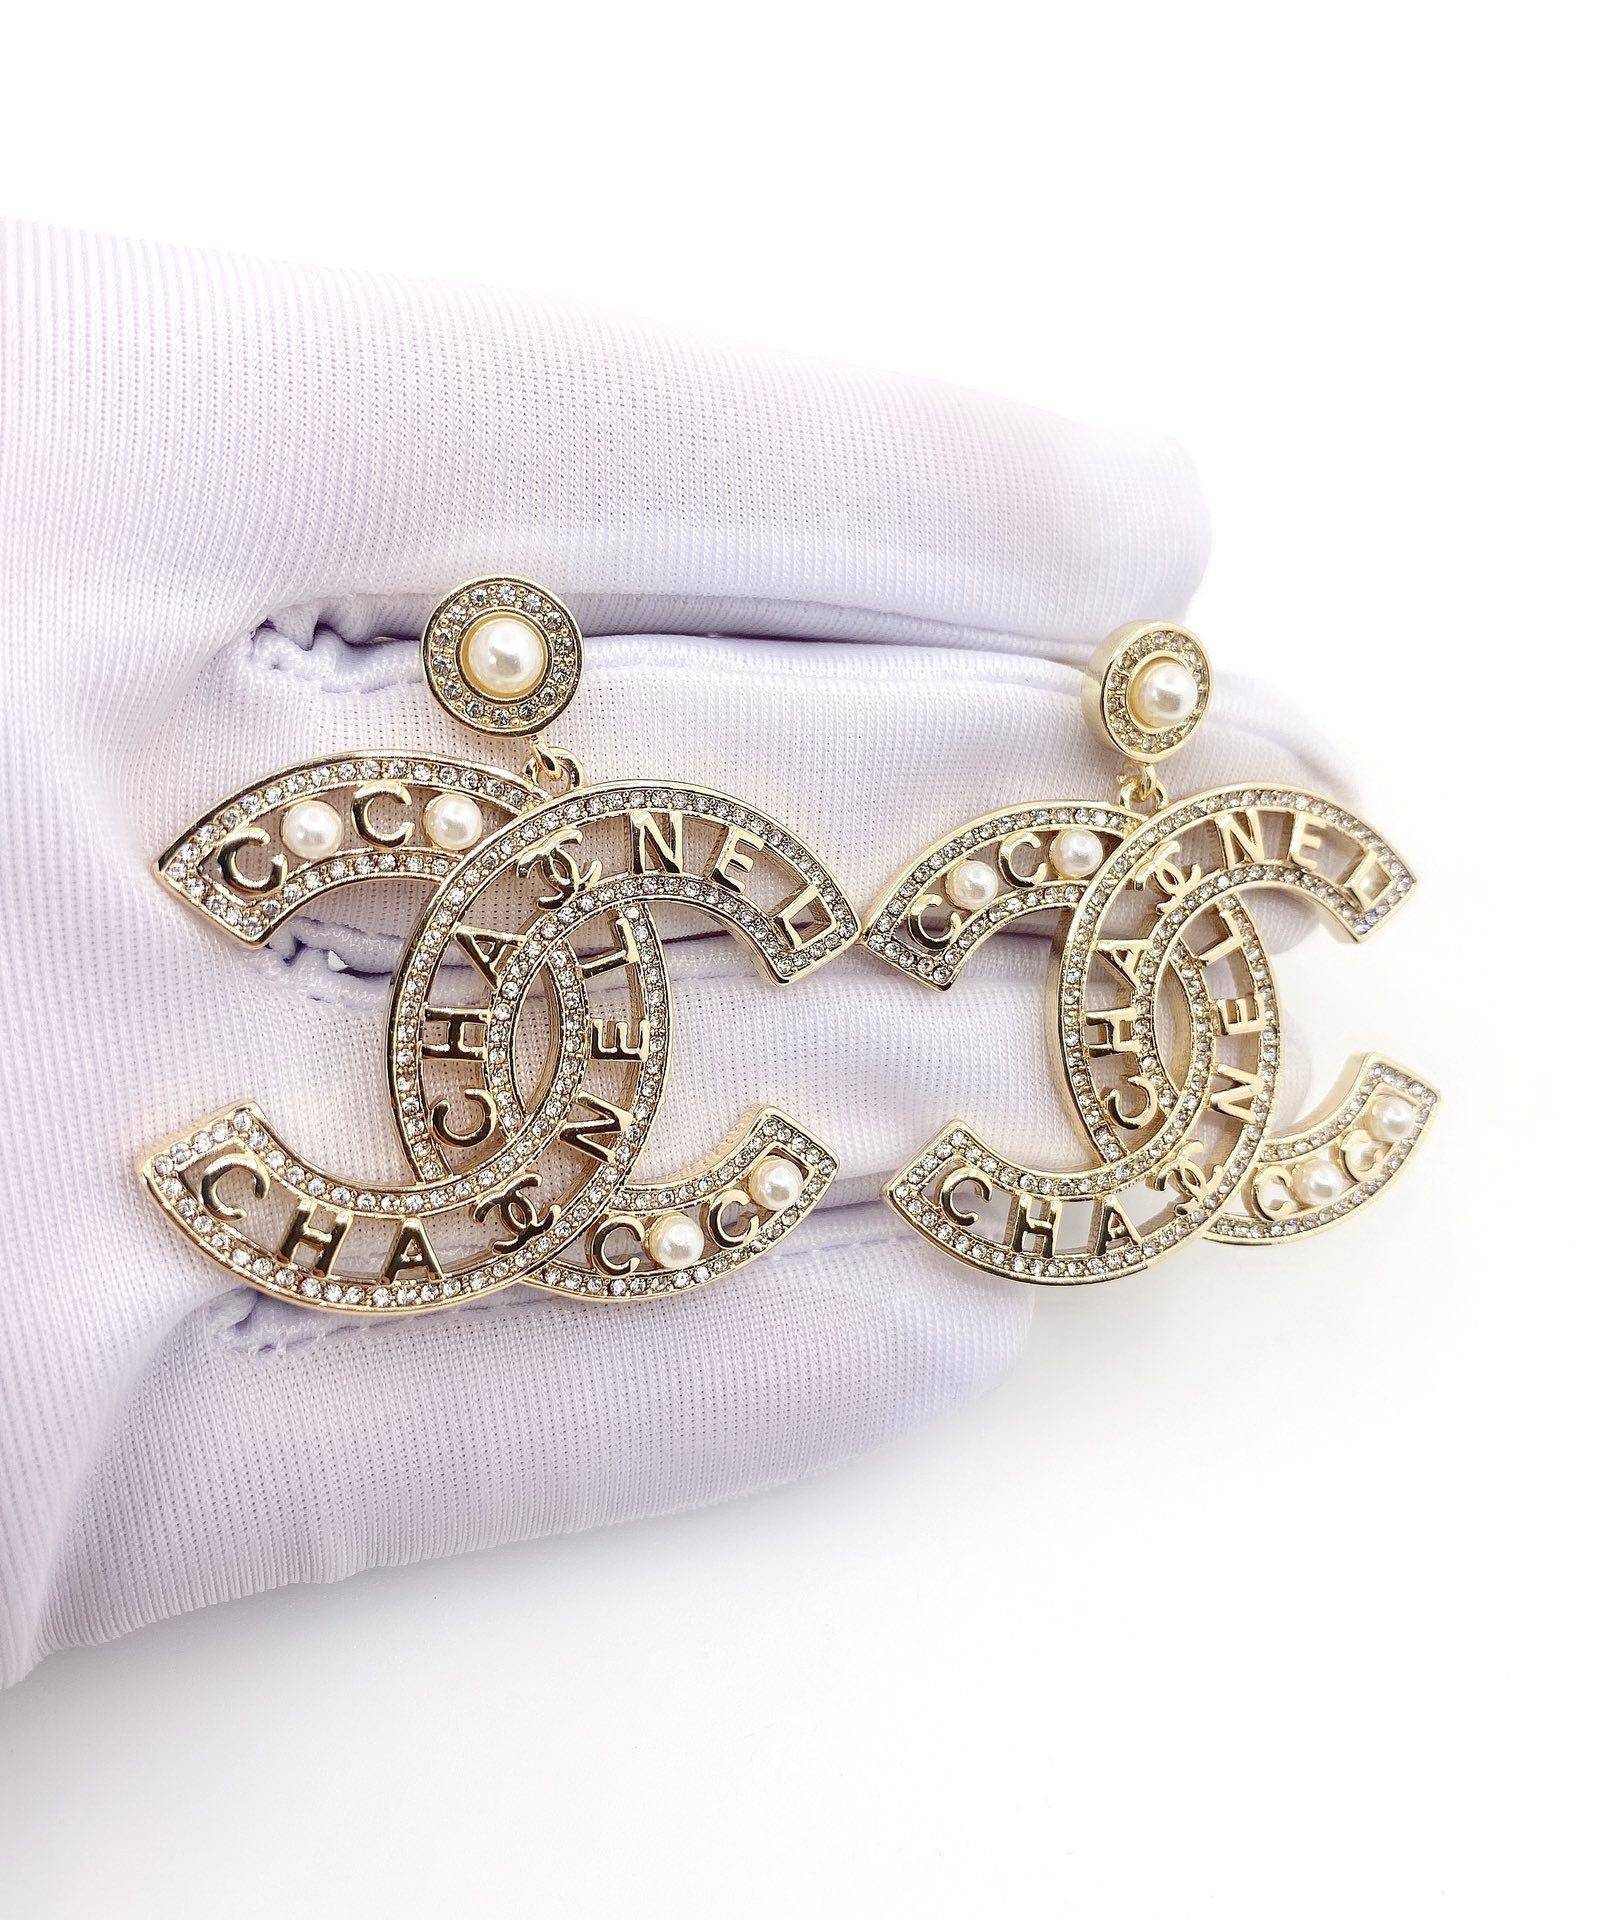 Chanel字母耳环925银针黄铜材